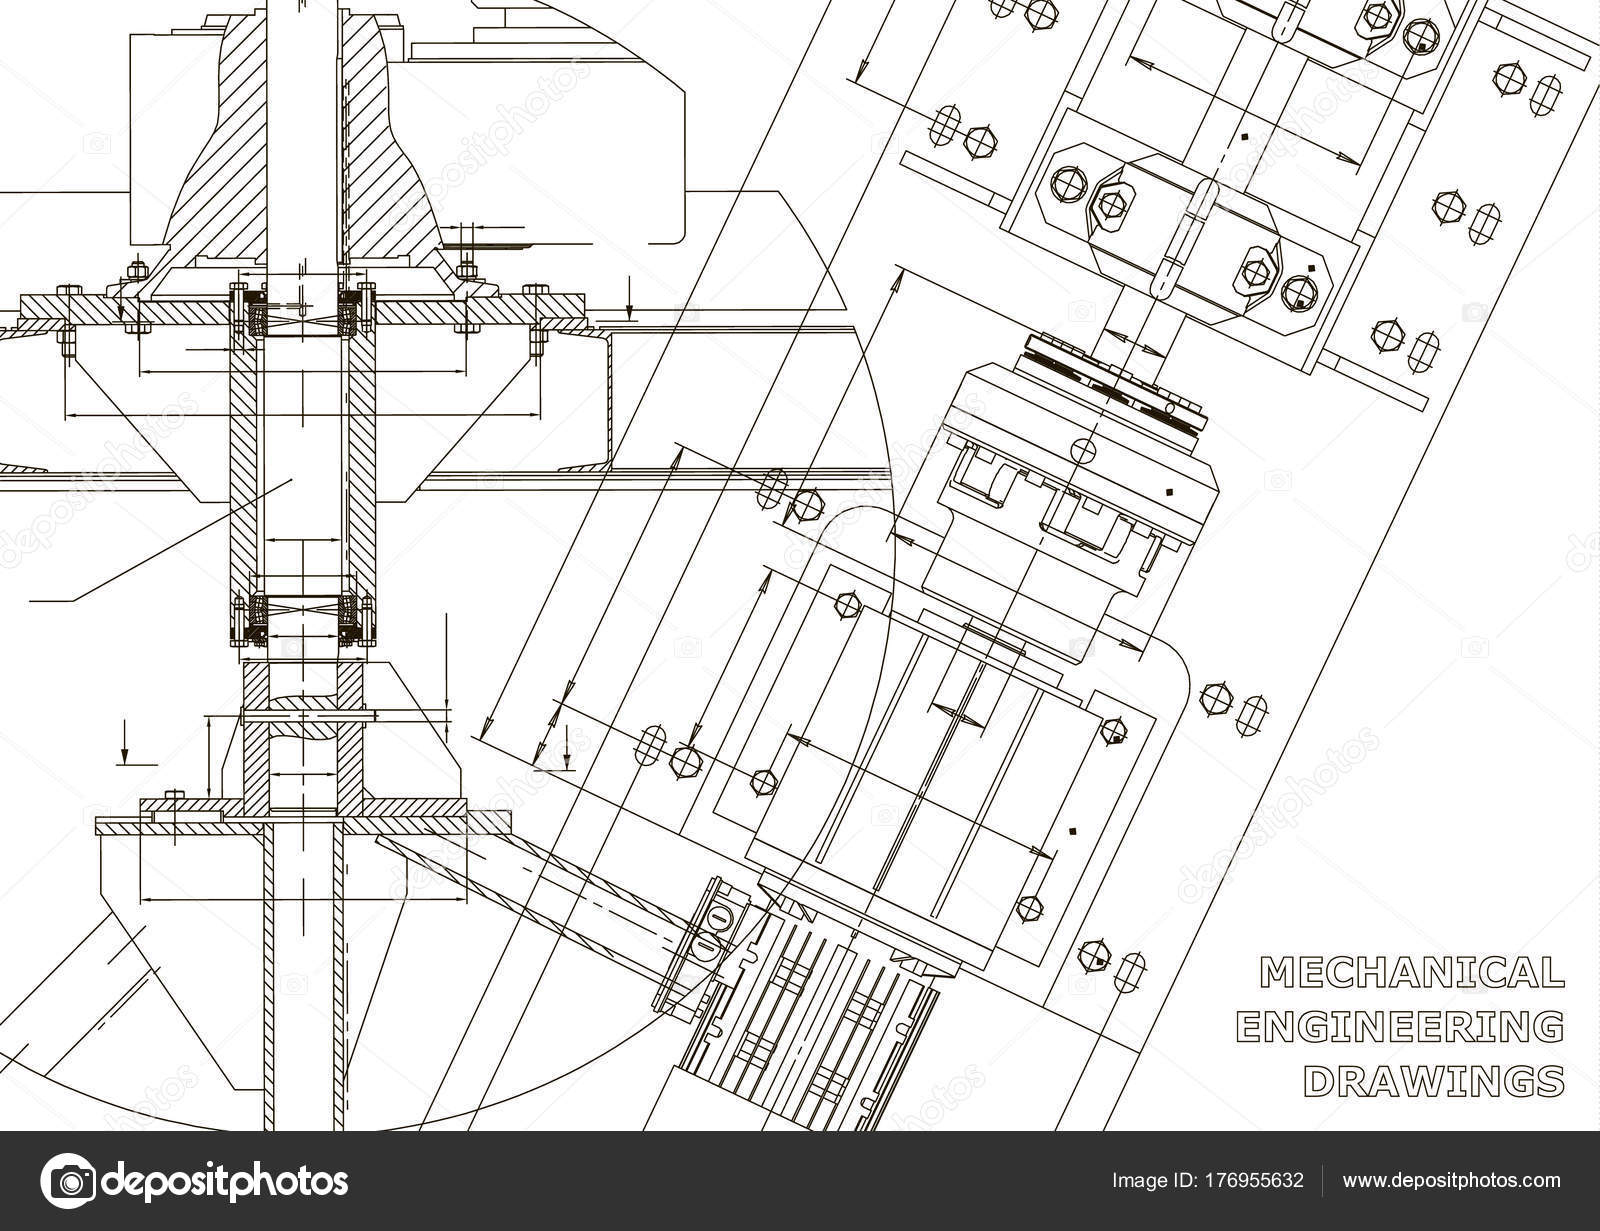 Maschinenbau Zeichnungen Technisches Design Blaupausen Weiß ...